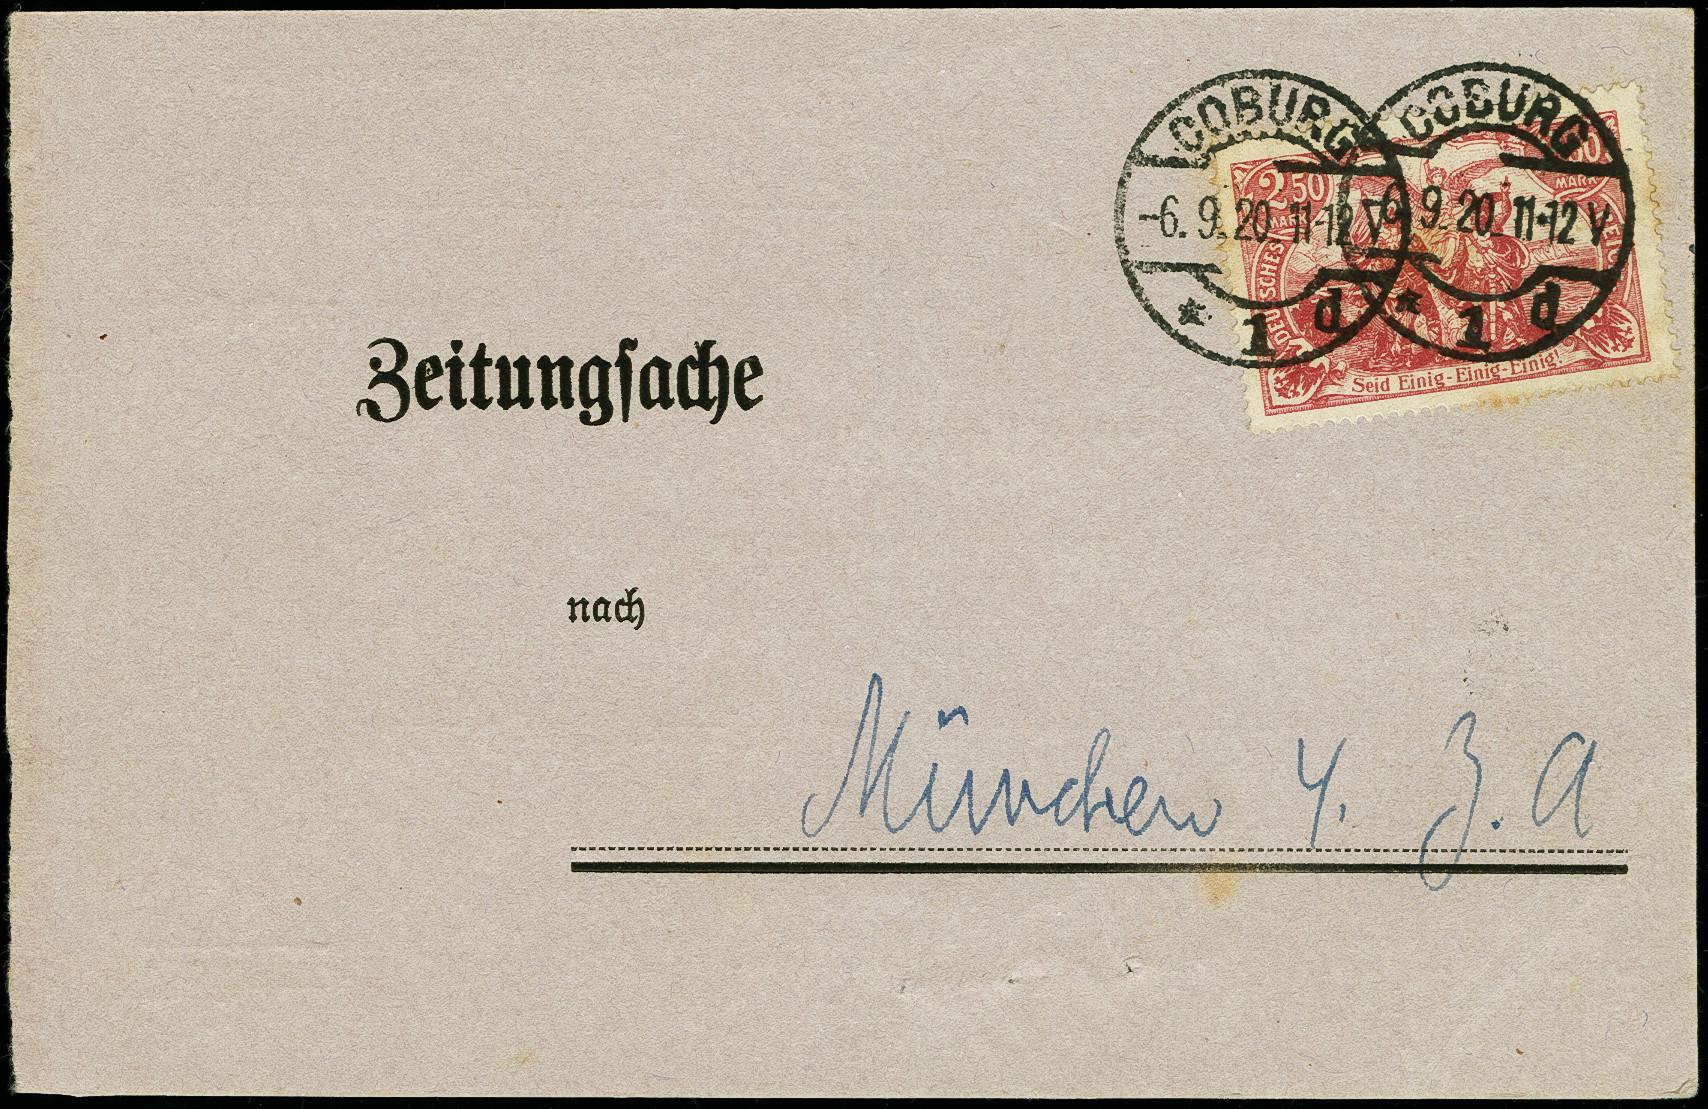 Stamp Auction - österreich zeitungsstempel - Auction #73, lot 2459